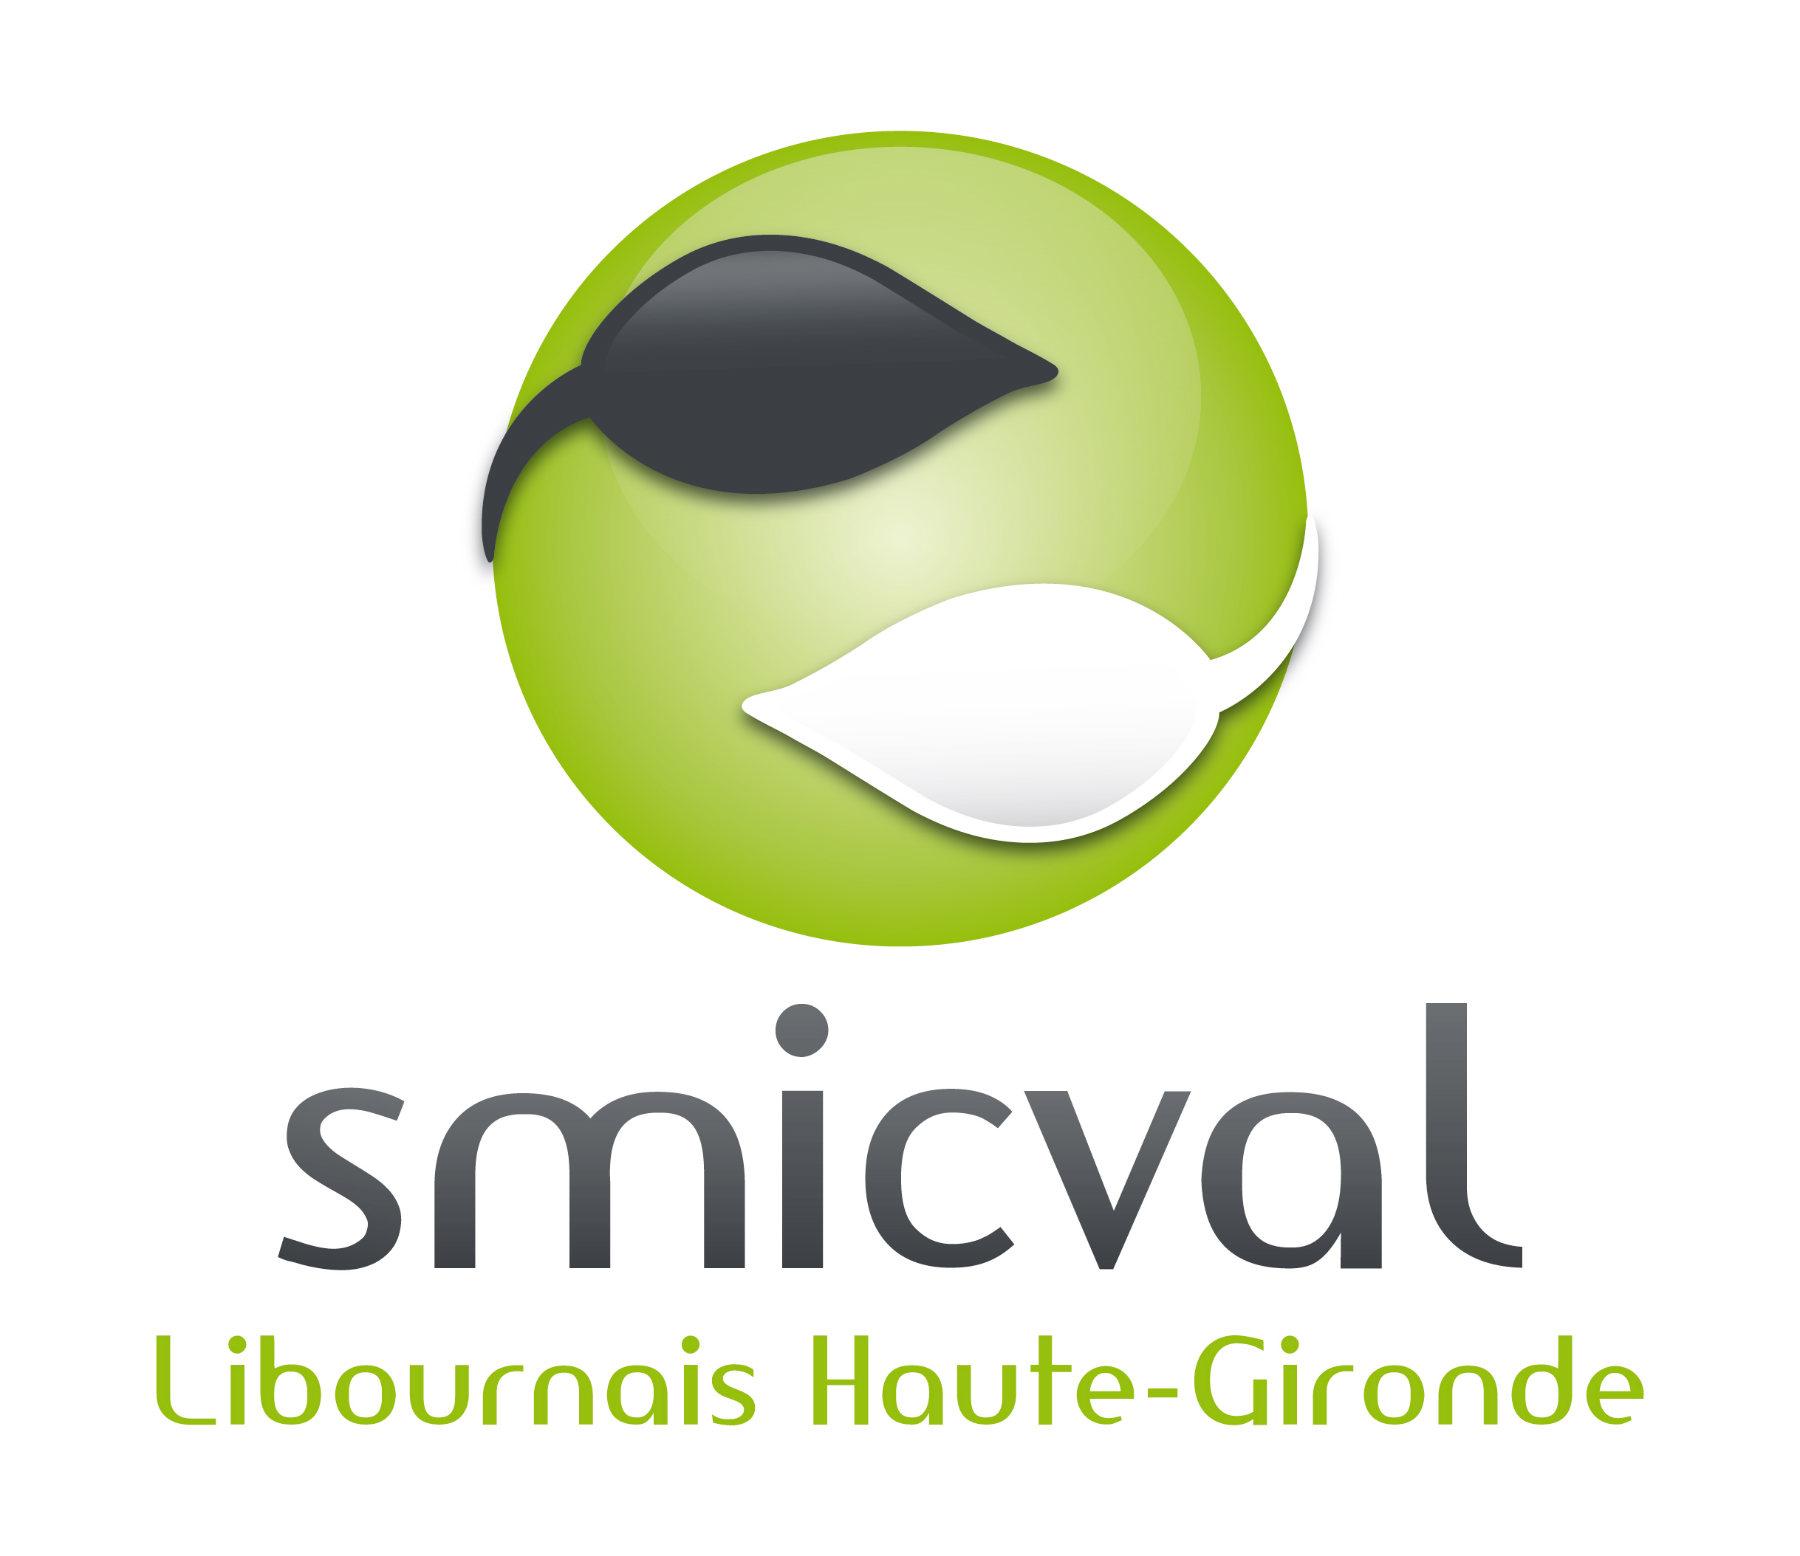 logo-smicval-rvb.jpg